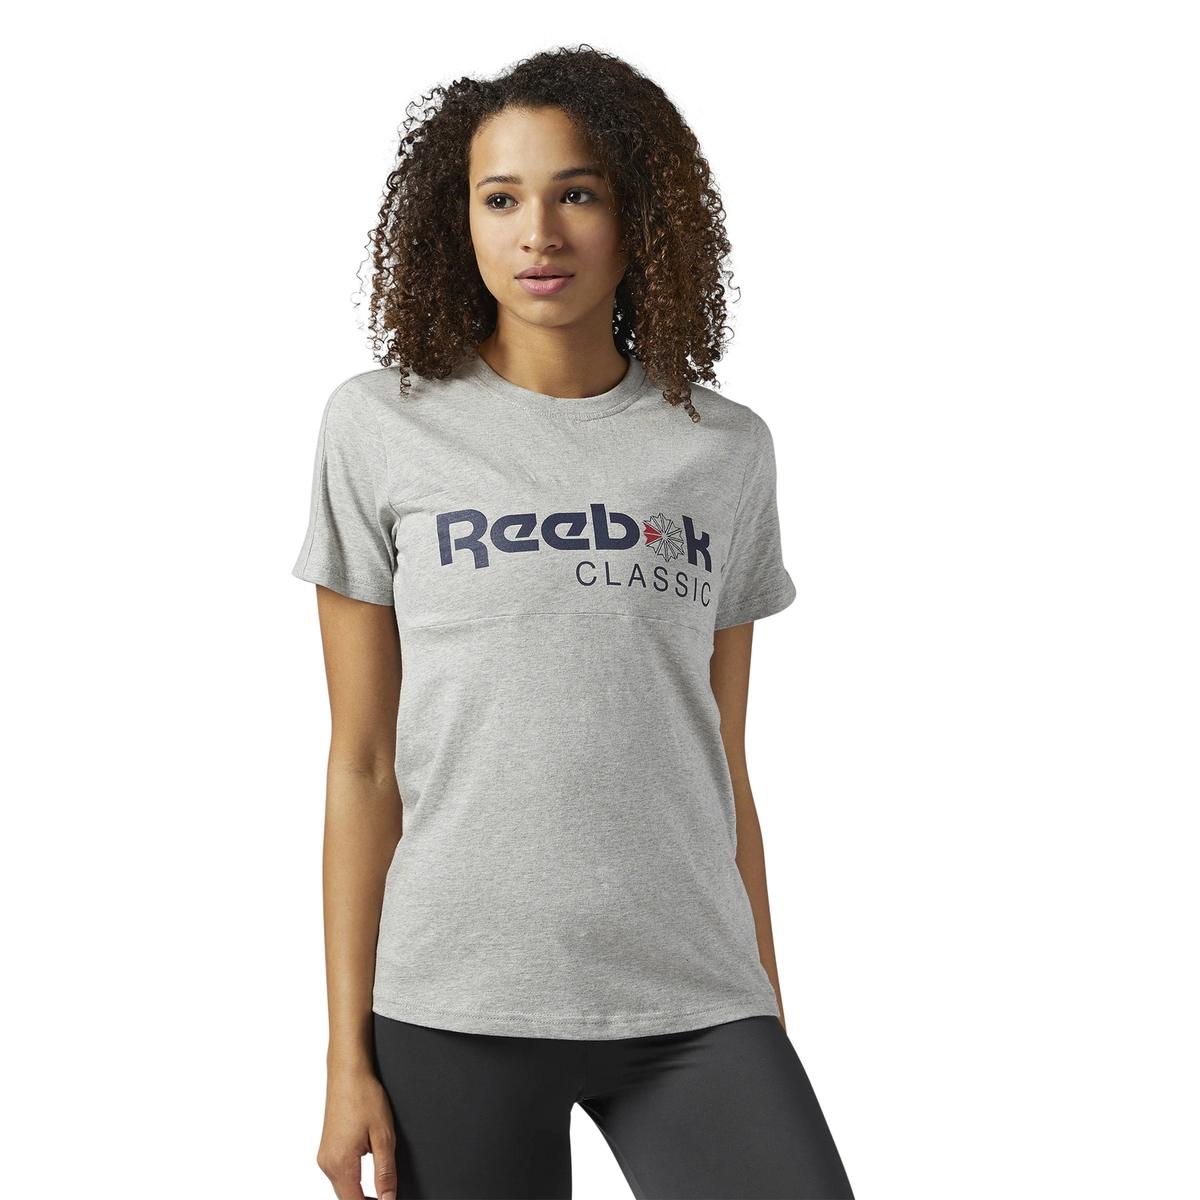 Imagen adicional de producto de Camiseta Reebok Classics - Reebok